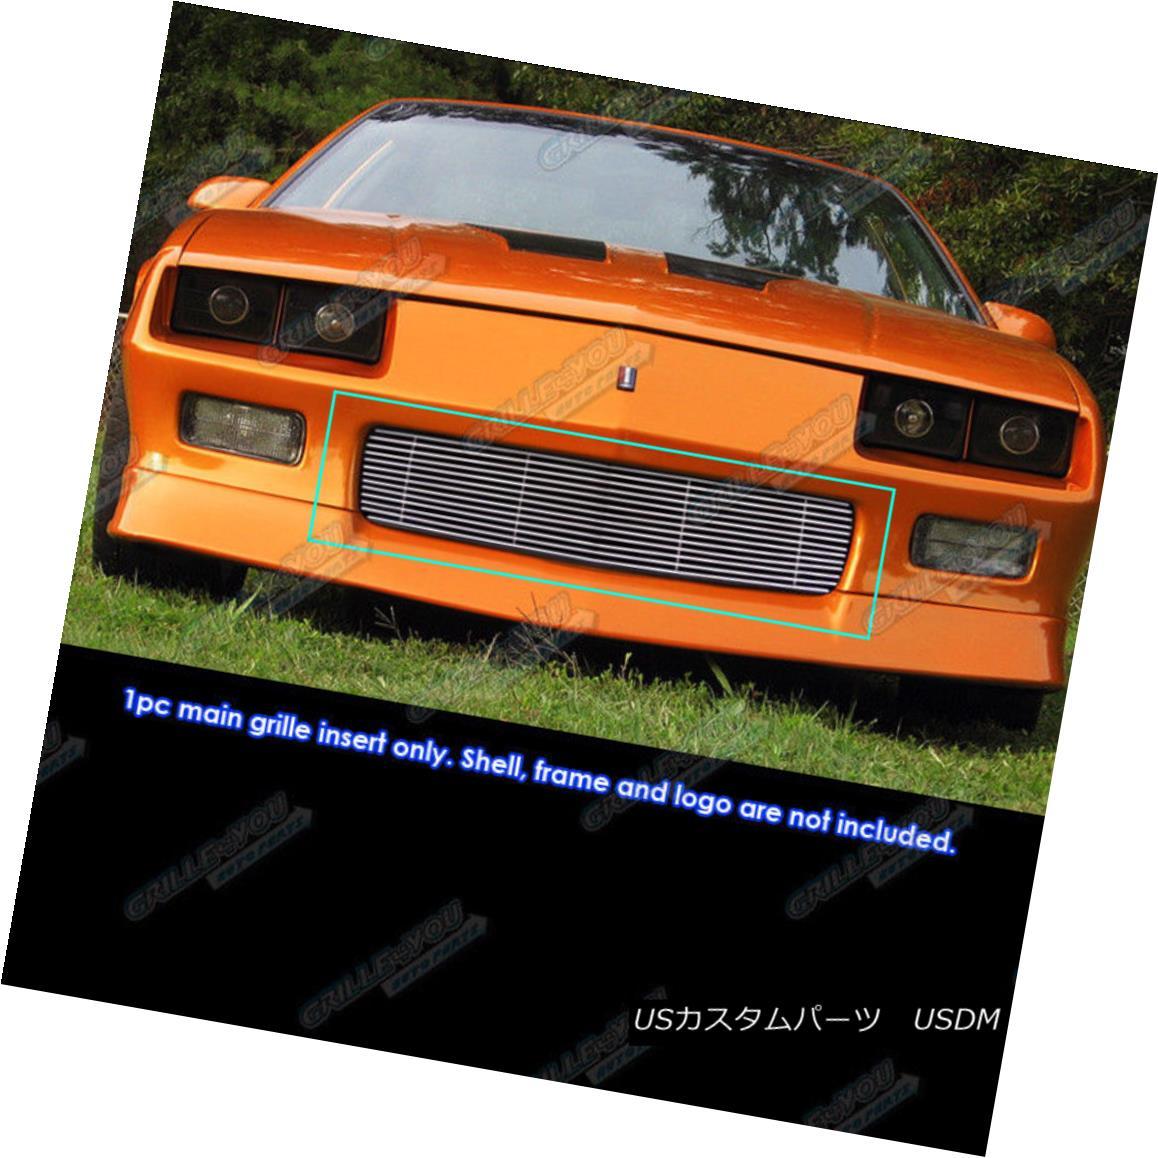 グリル Fits 1988-1992 Chevy Camaro Bumper Billet Grille Insert フィット1988-1992シボレーカンパニーバンパービレットグリルインサート